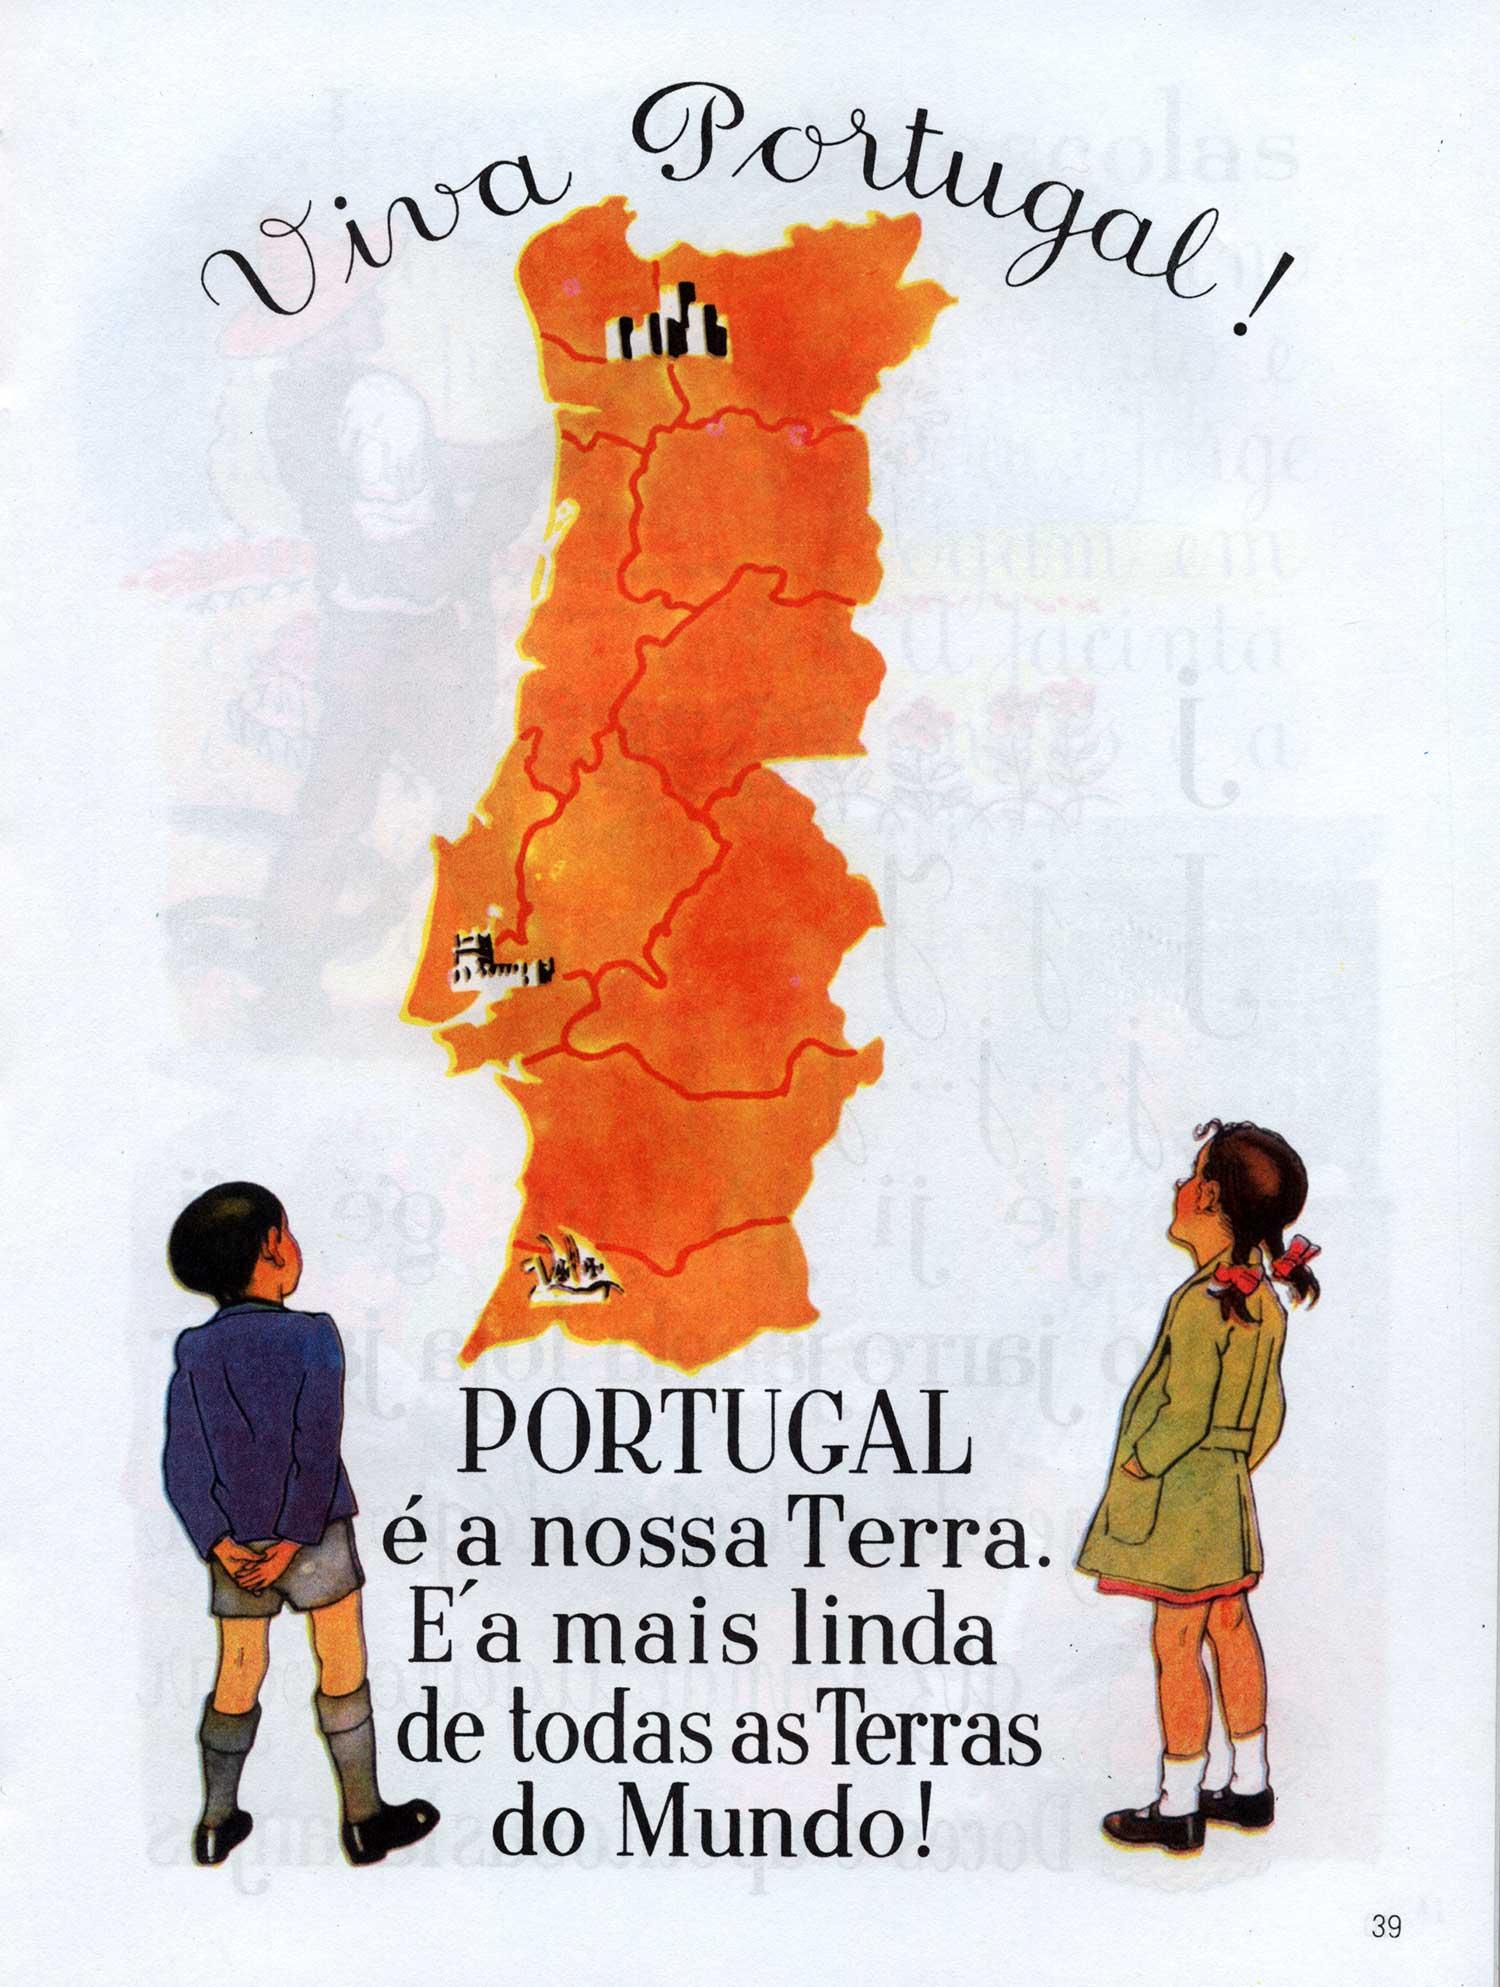 Viva Portuga! Portugal é a nossa terra.É a mais linda de todas as Terras do Mundo!  (Viva Portugal! Portugal is our land. It's the most beautiful of all the world's lands.)